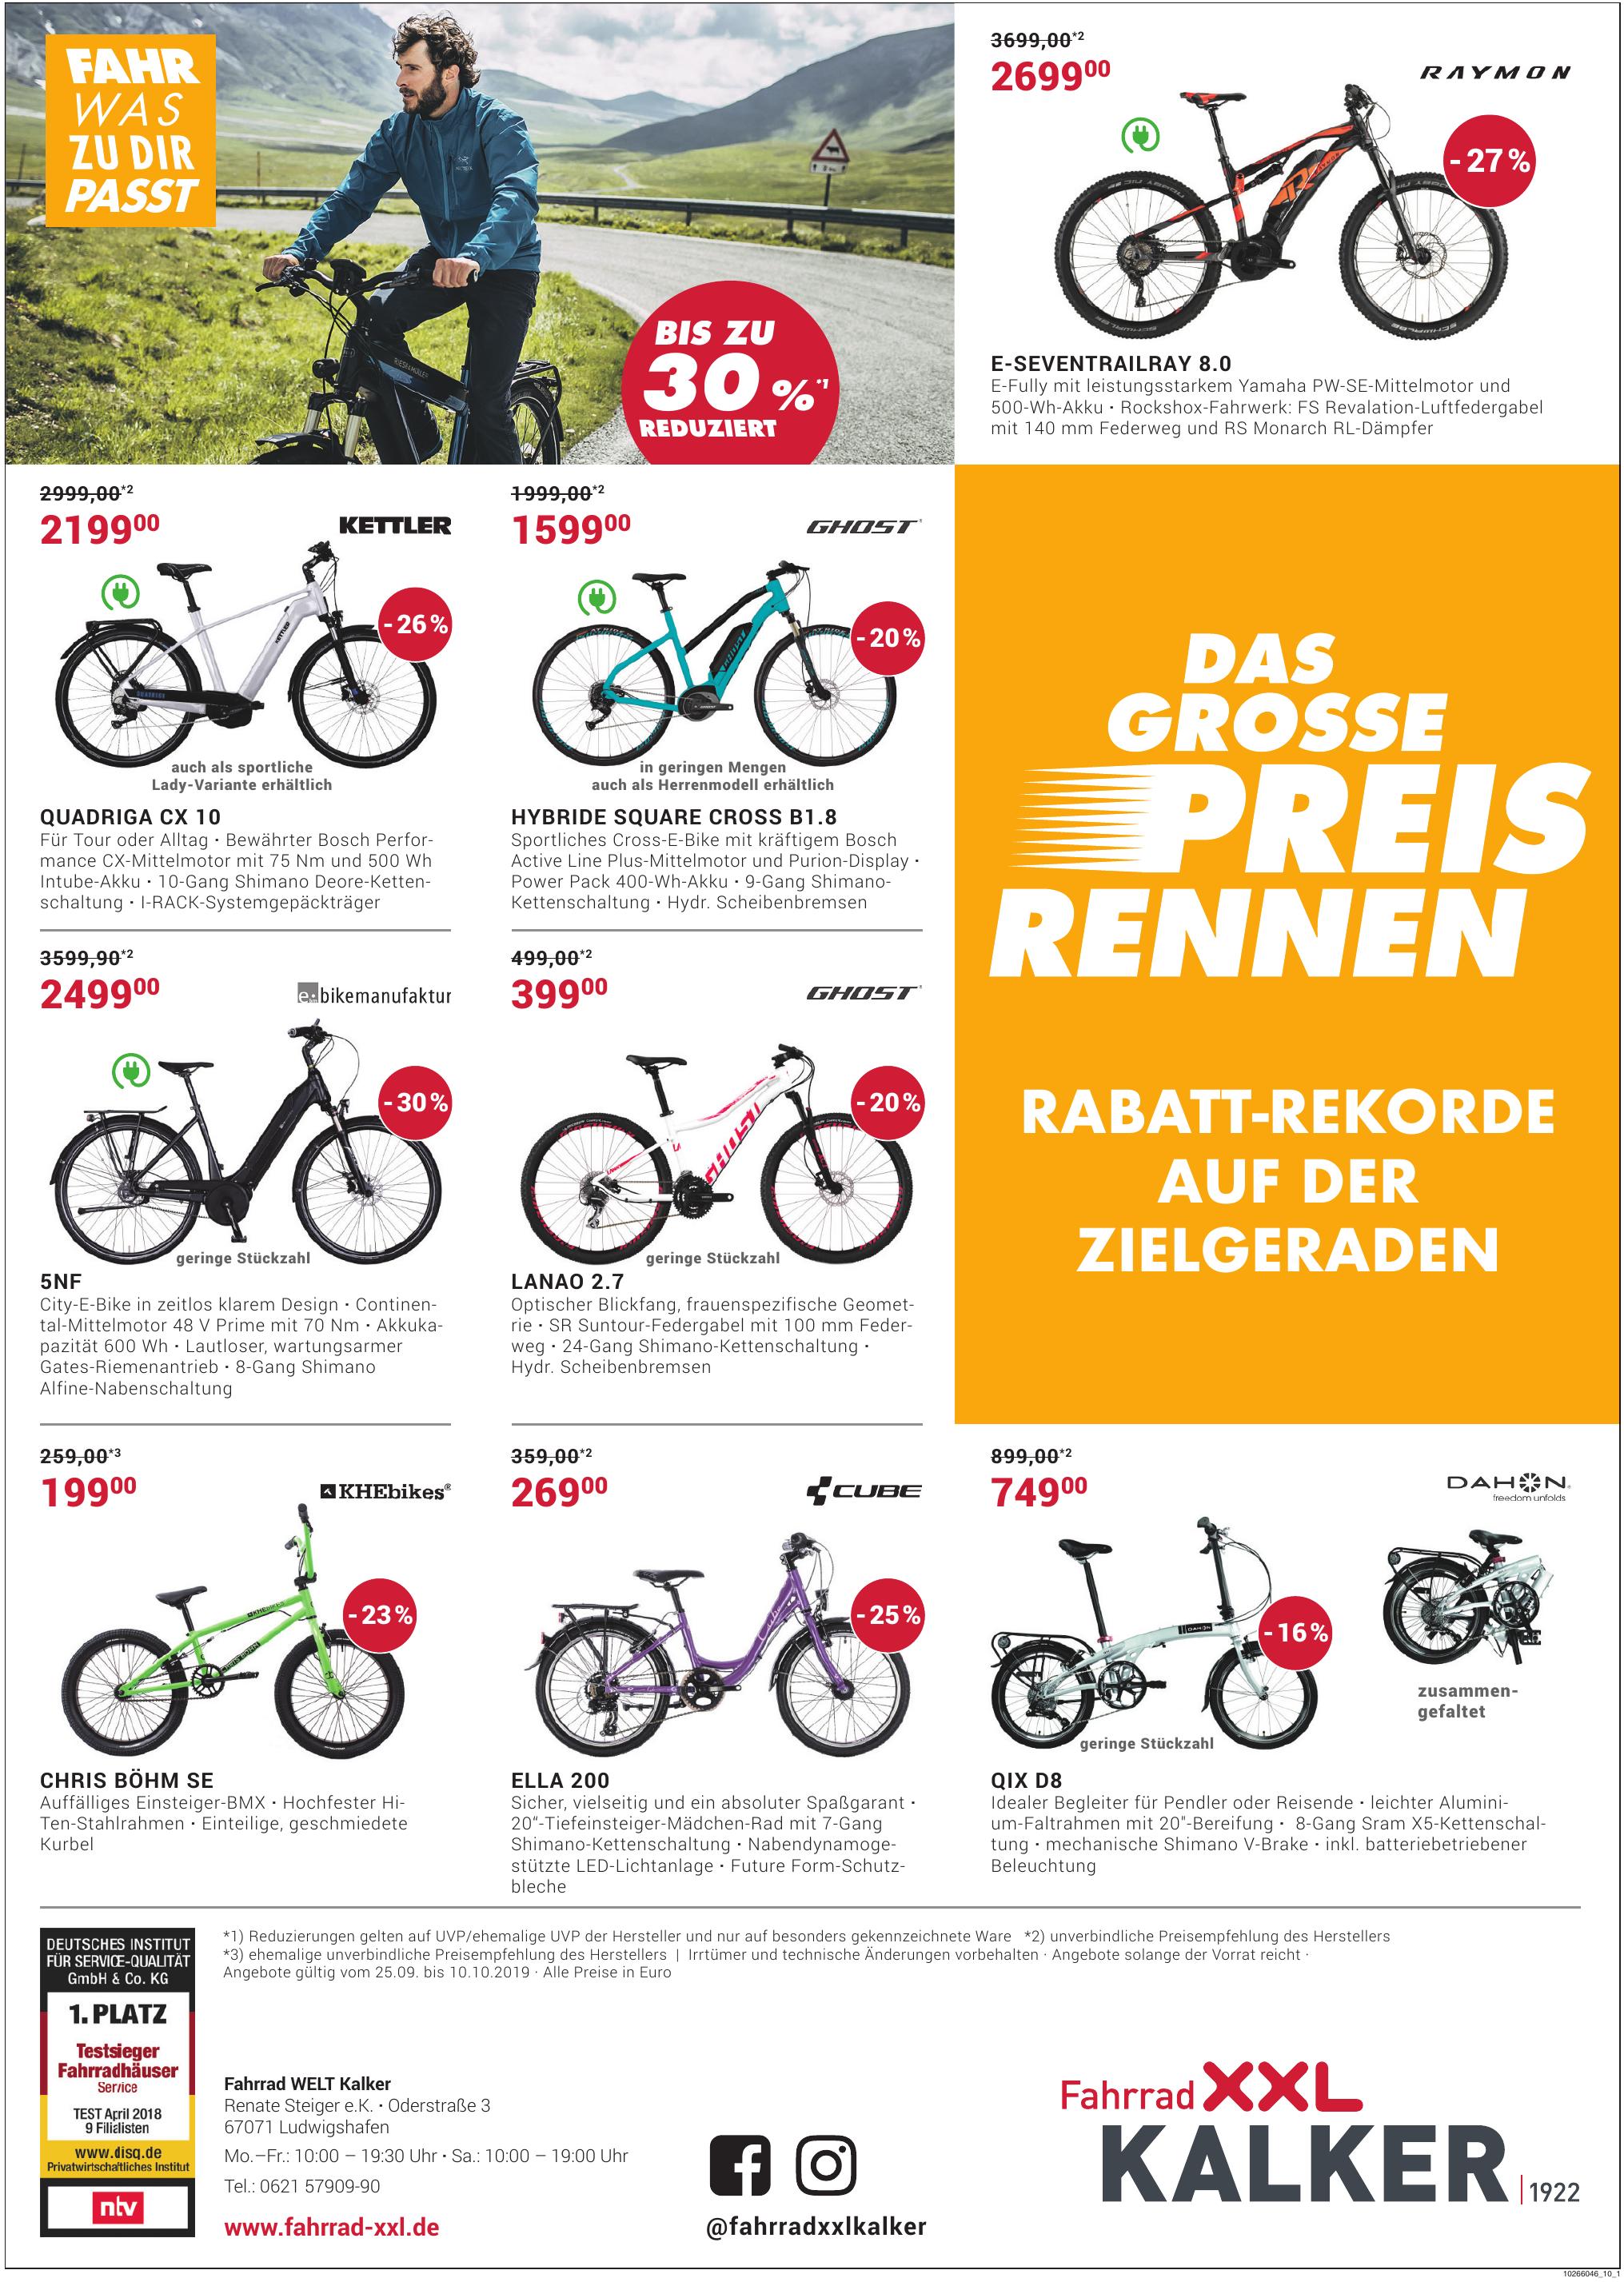 Fahrrad XXL Kalker